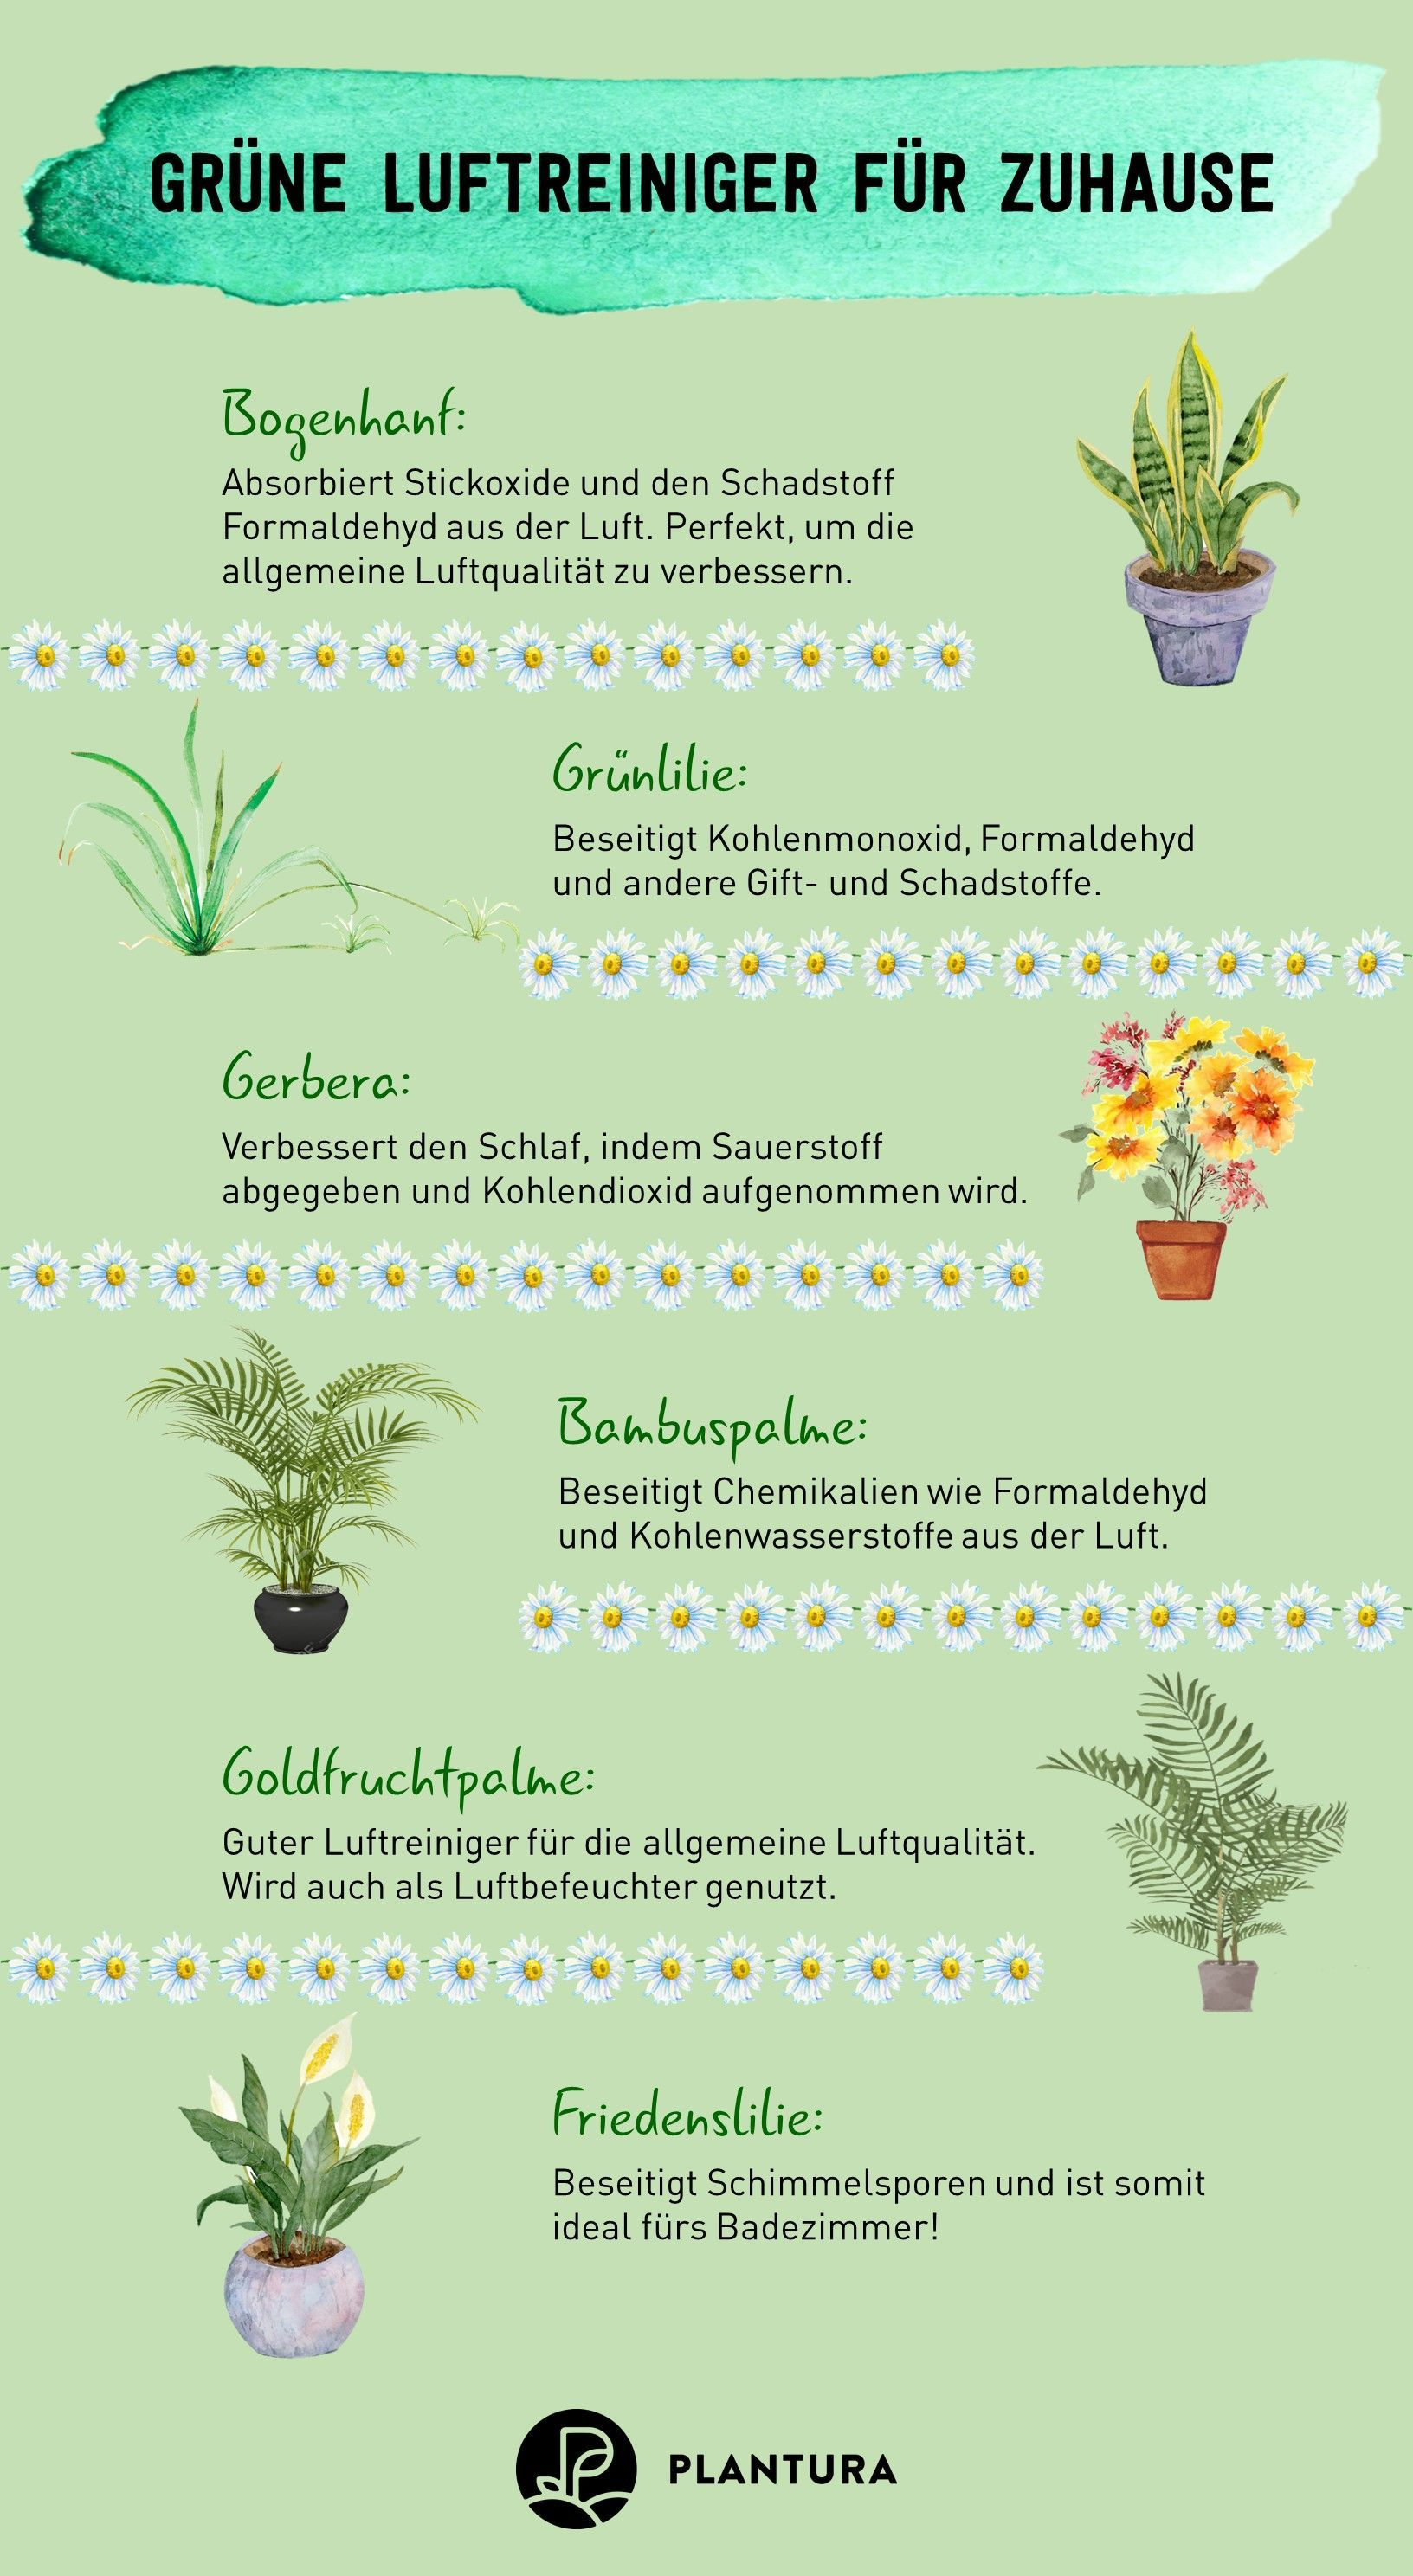 Luftreinigende Pflanzen Die Top 10 In 2020 Mit Bildern Luftreiniger Pflanzen Pflanzideen